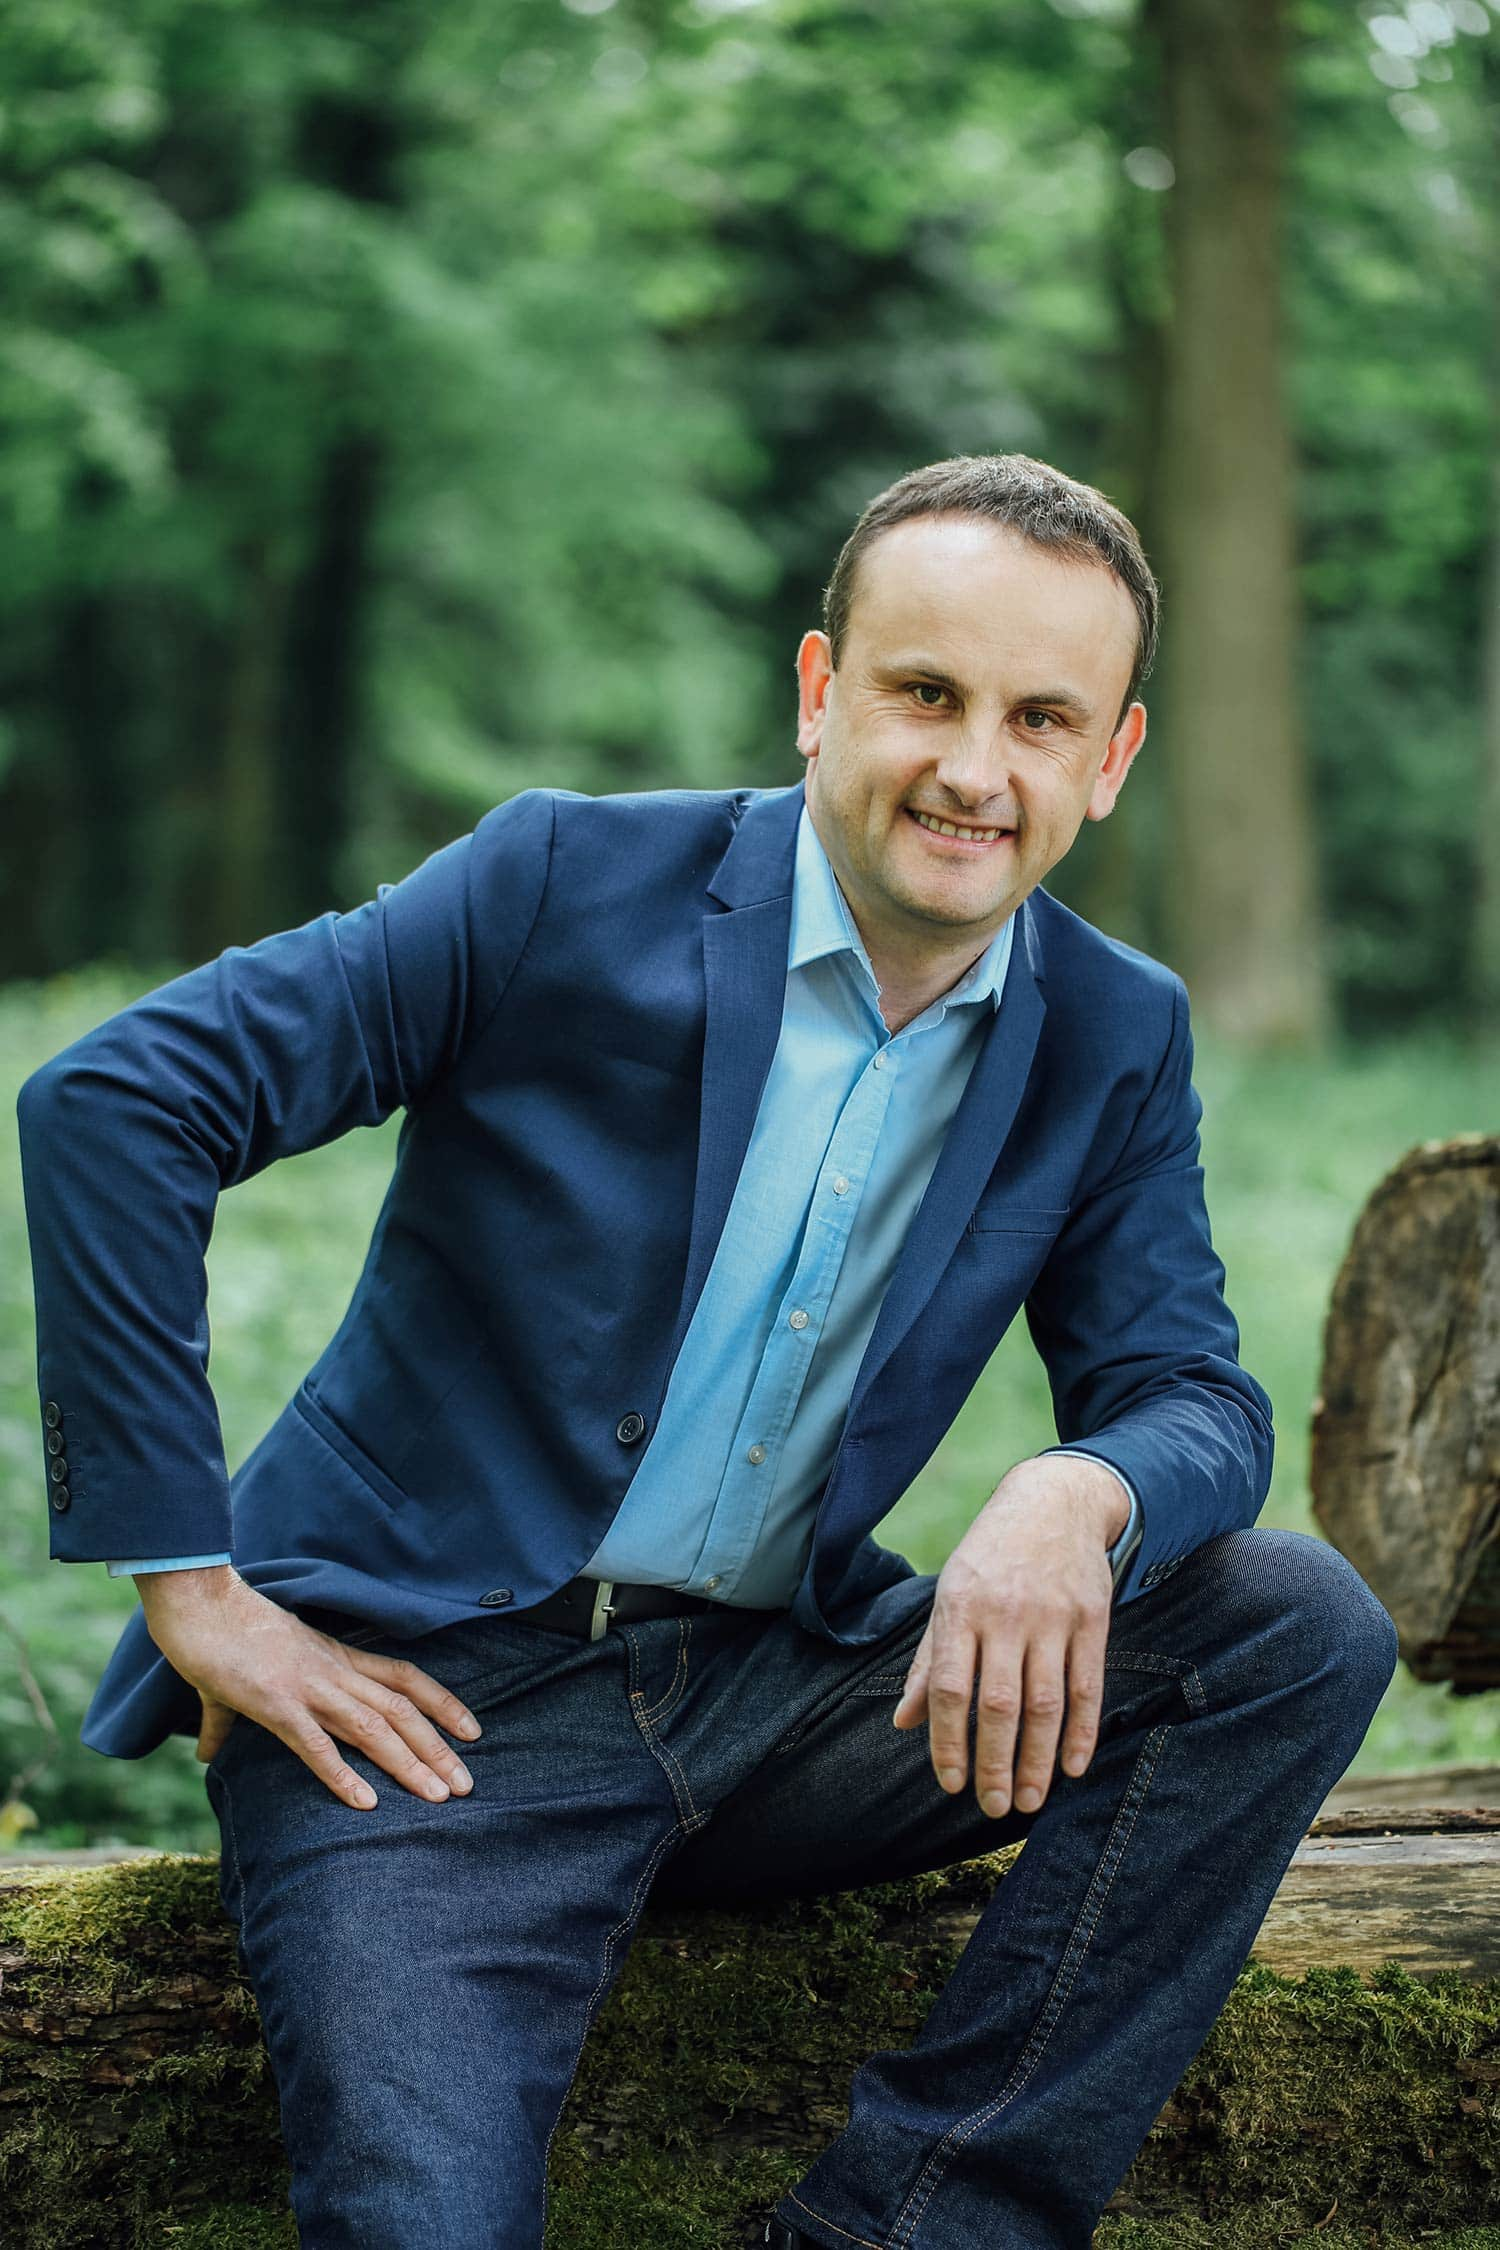 Der neue Bürgermeister der Stadt Wörth an der Donau heißt Josef Schütz. Der CSU-Kandidat setzte sich mit 78,6 Prozent der Stimmen gegen Ulrike Riedel-Waas (Vereinigung Aktiver Wähler) durch. Foto: Tine Kirchmayer Fotografie